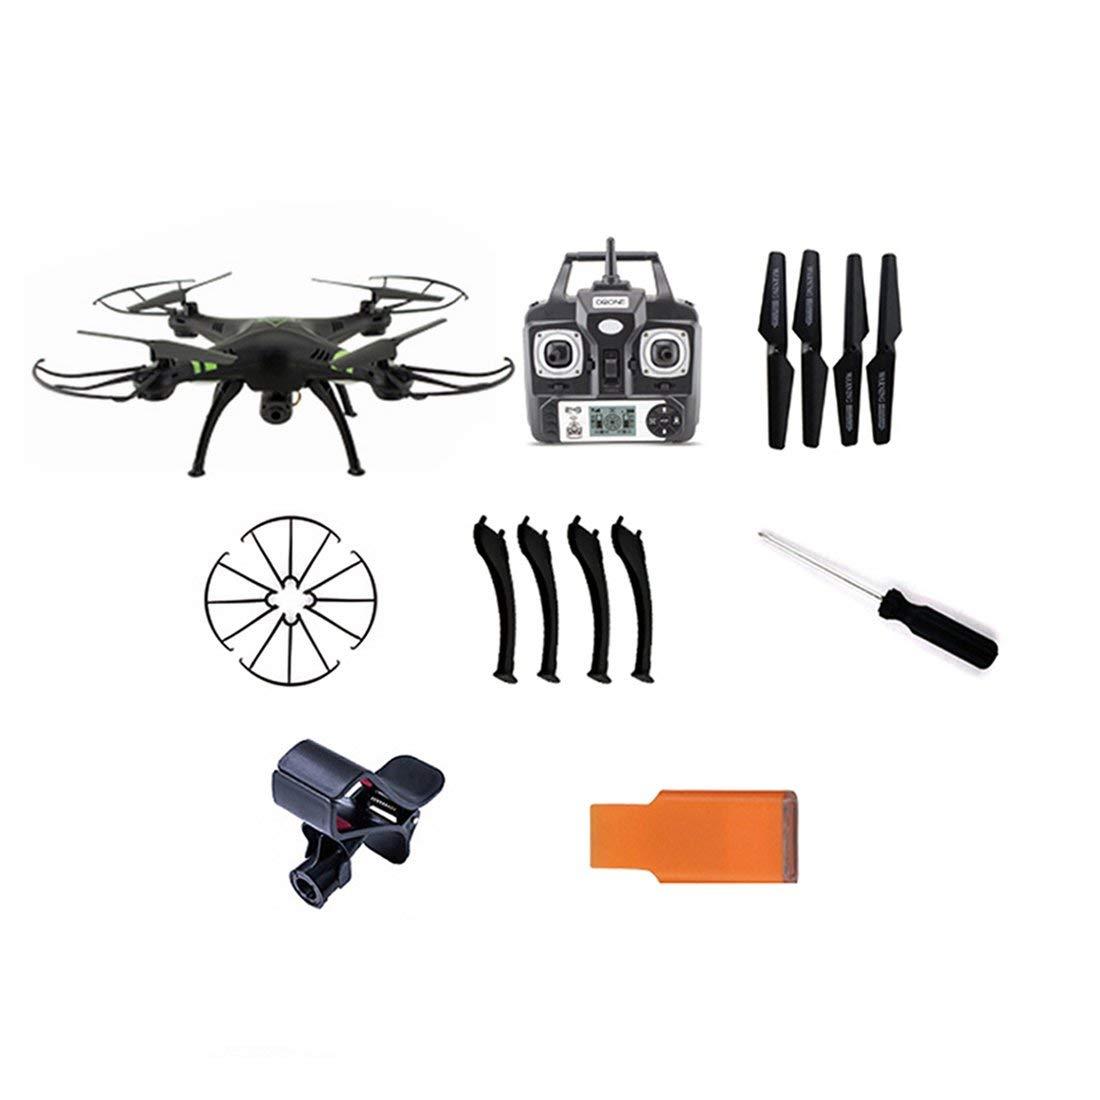 entrega de rayos Formulaone Drone X53 con 720M WiFi WiFi WiFi FPV y videollamada Clip-Retorno automático / Altura con vigilancia con Control Remoto Quadcopter - Negro  promociones de equipo